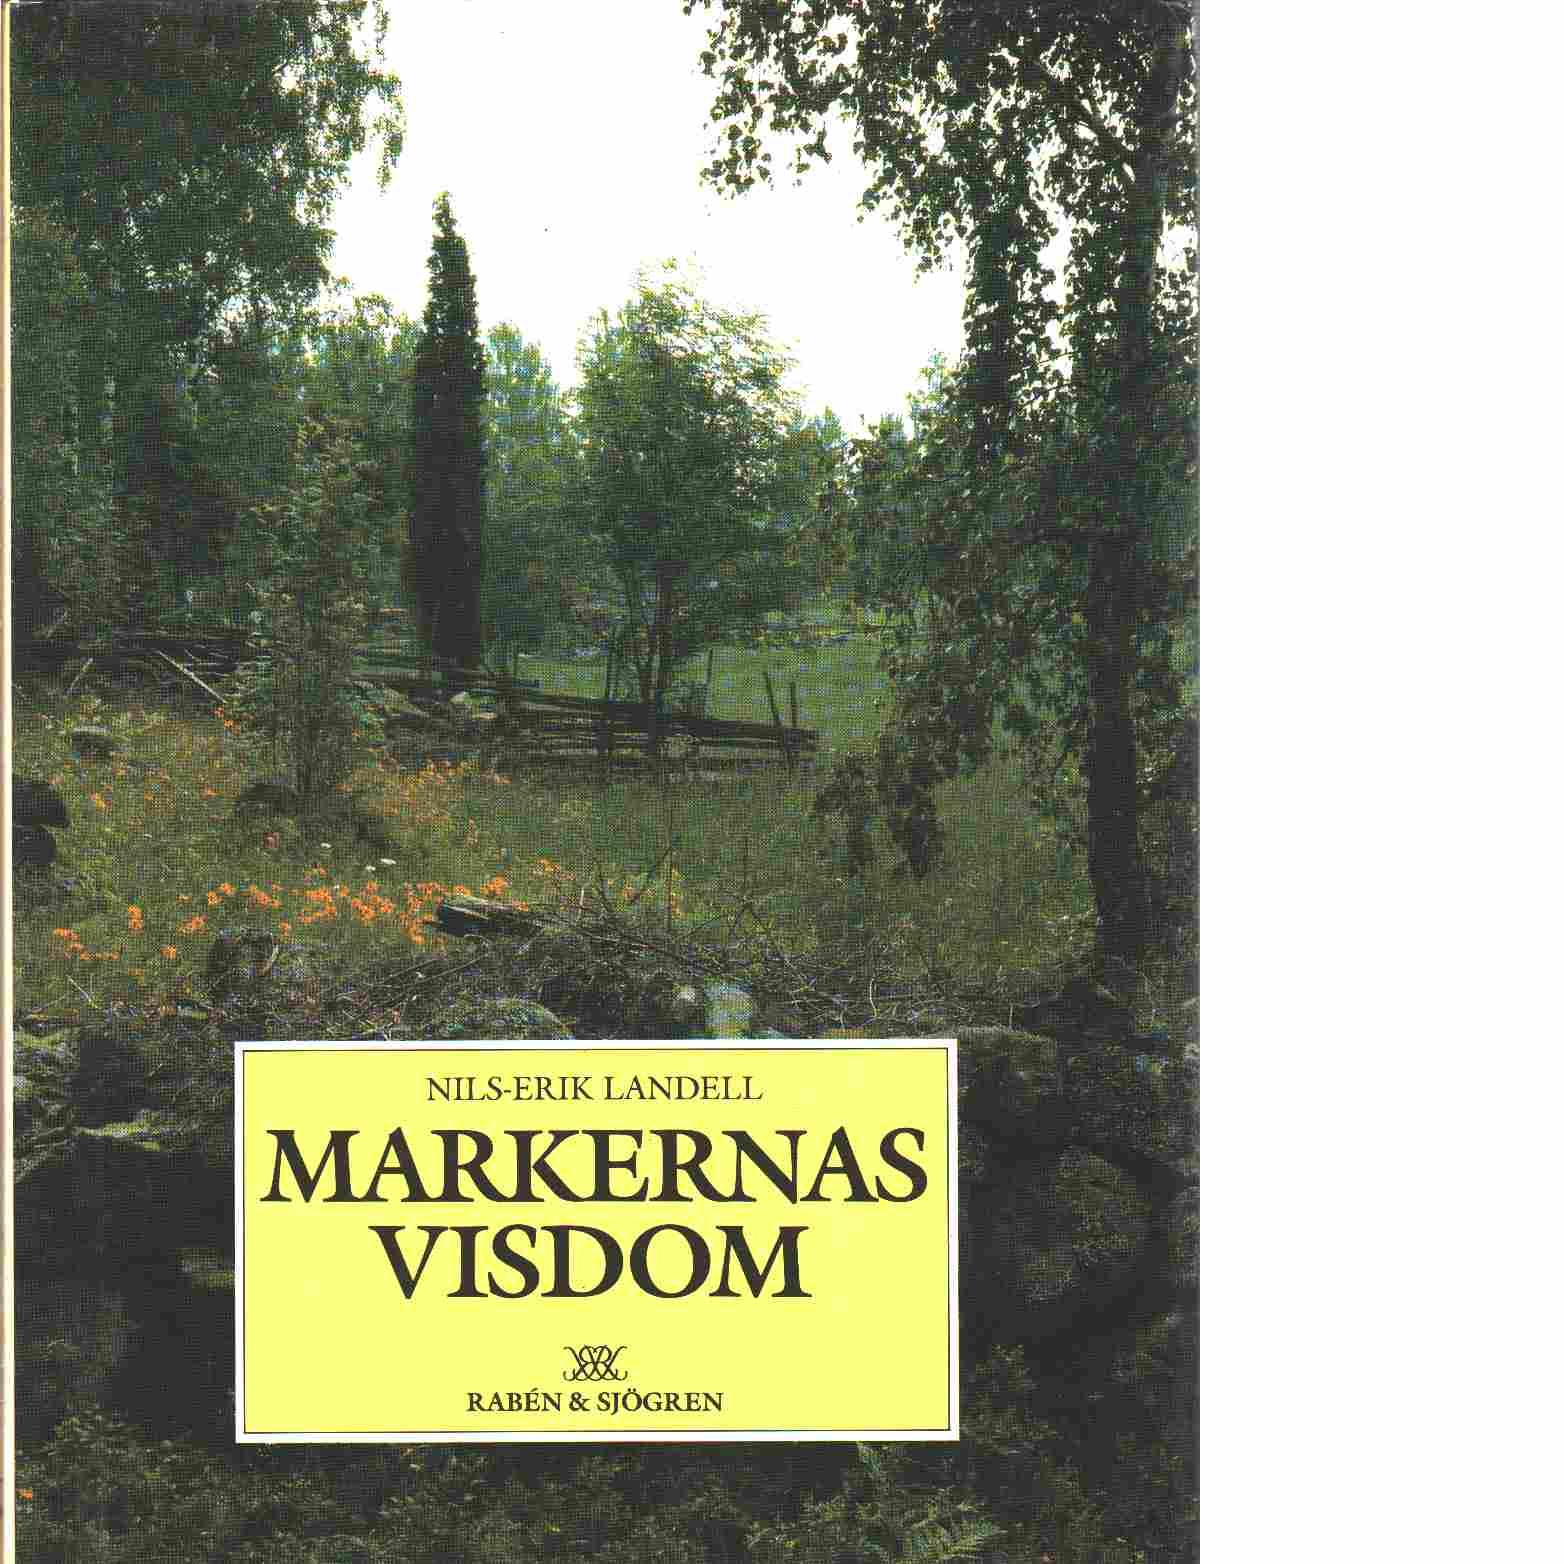 Markernas visdom - Landell, Nils-Erik